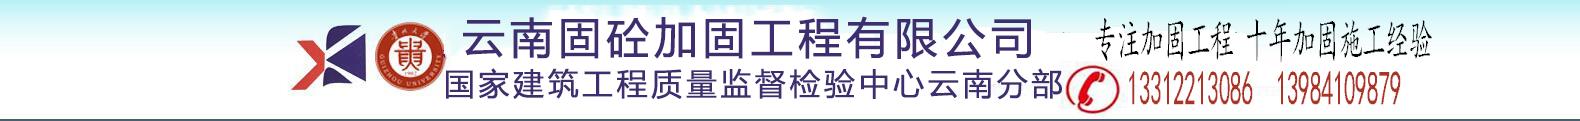 云南加固公司